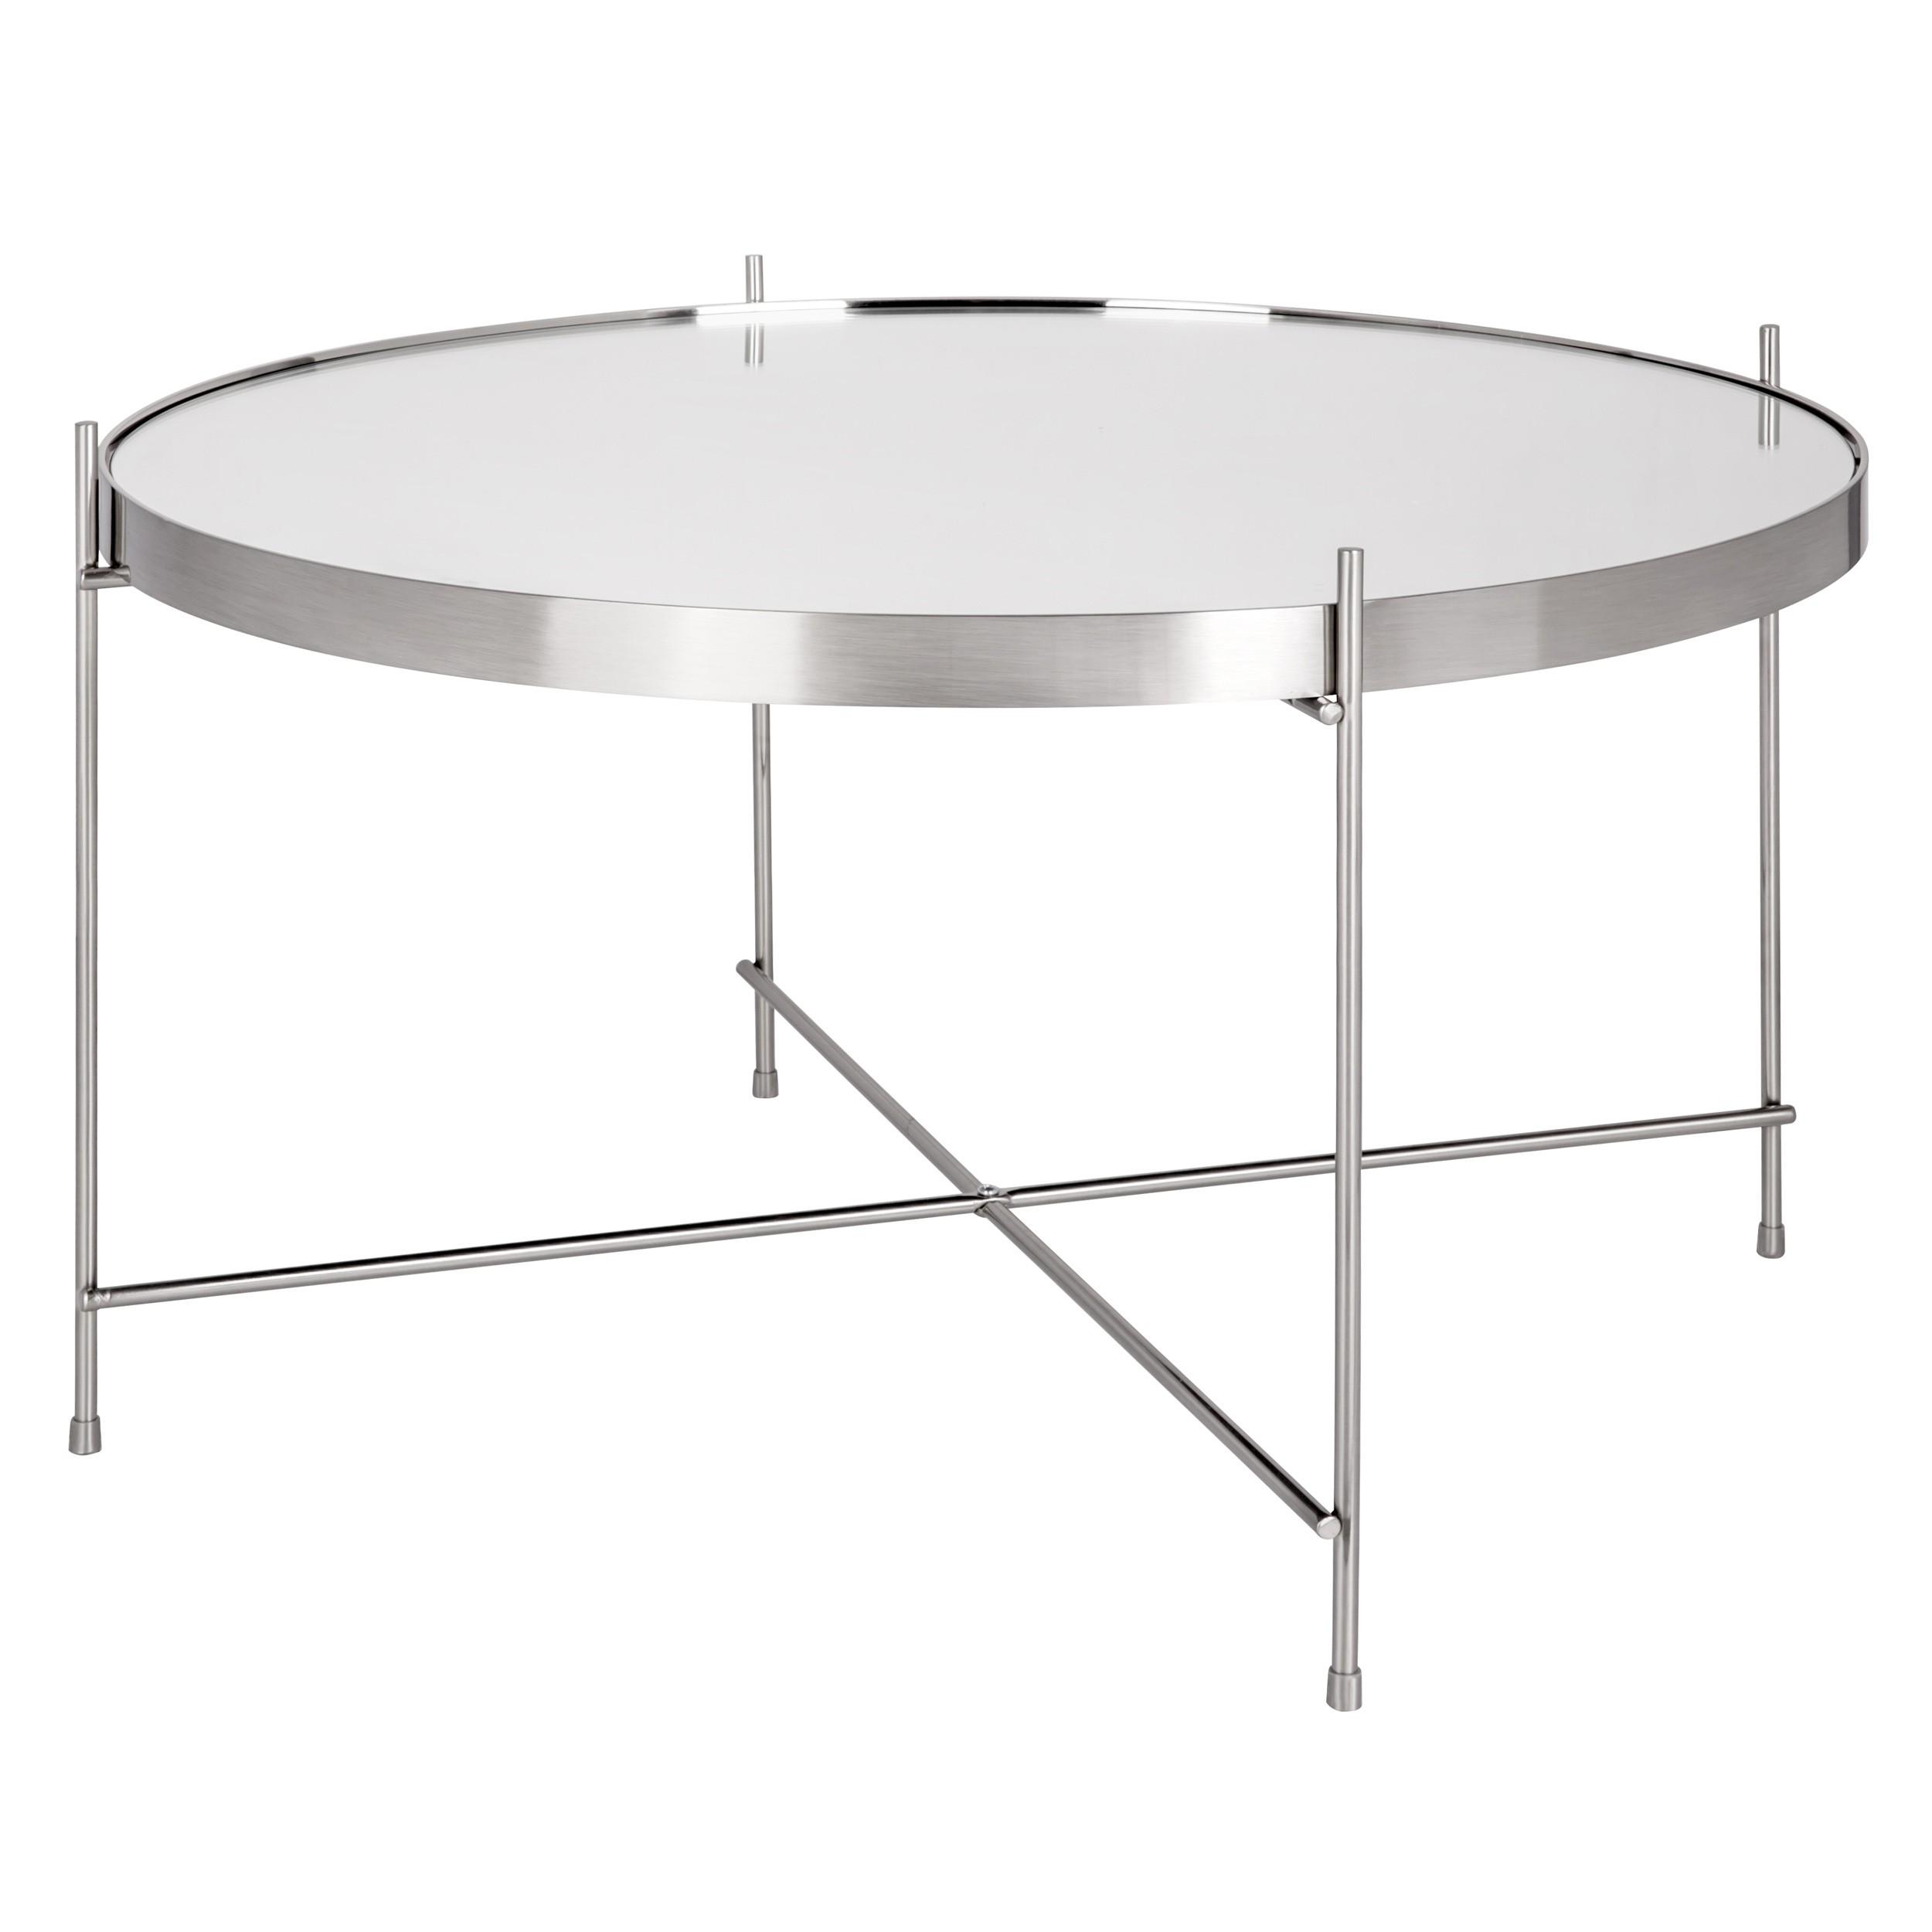 table basse ronde valdo argent m choisissez nos tables basses rondes valdo argent m rdv d co. Black Bedroom Furniture Sets. Home Design Ideas